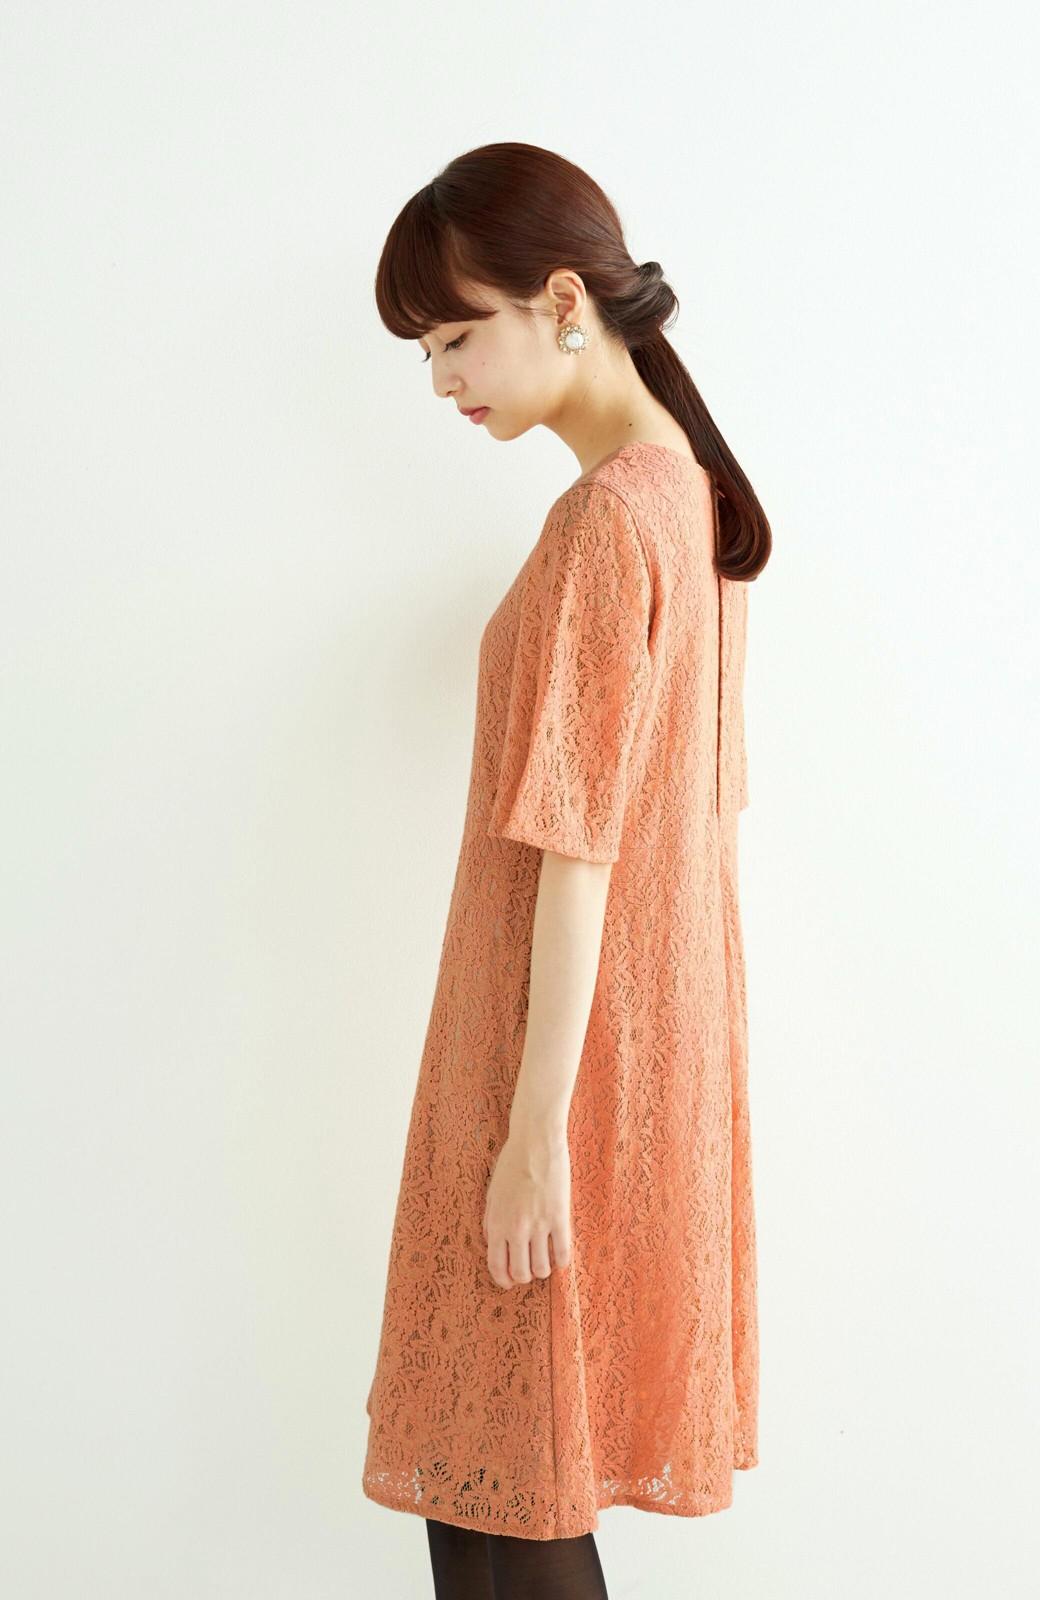 エムトロワ 結婚式にも便利 1枚で着てきれいなレースワンピース <オレンジ>の商品写真11